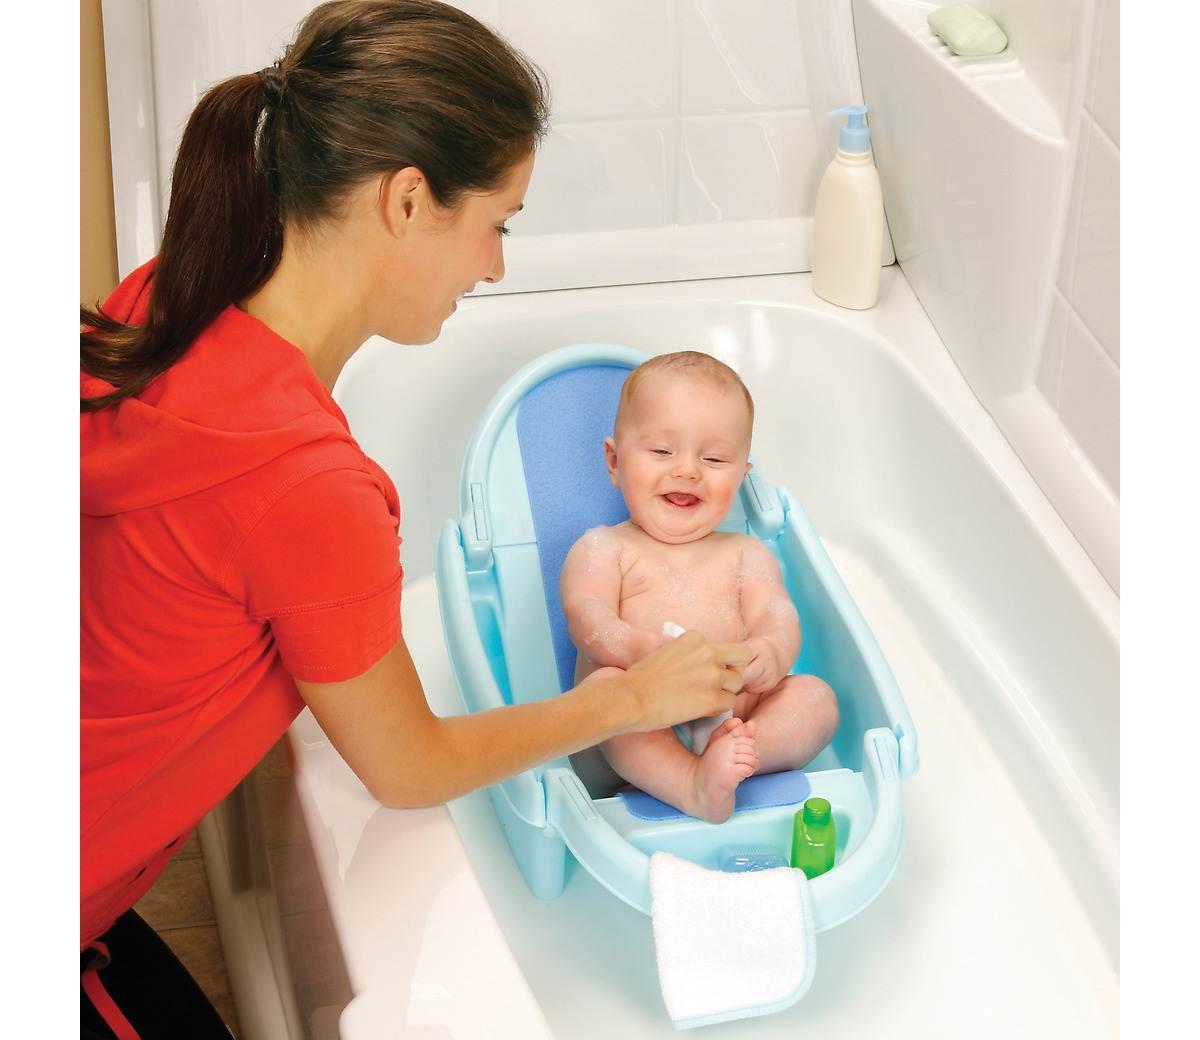 Banheira para bebê: como fazer uma boa compra : Mil dicas de mãe #B1211A 1200x1040 Banheira Bebe Banheiro Pequeno